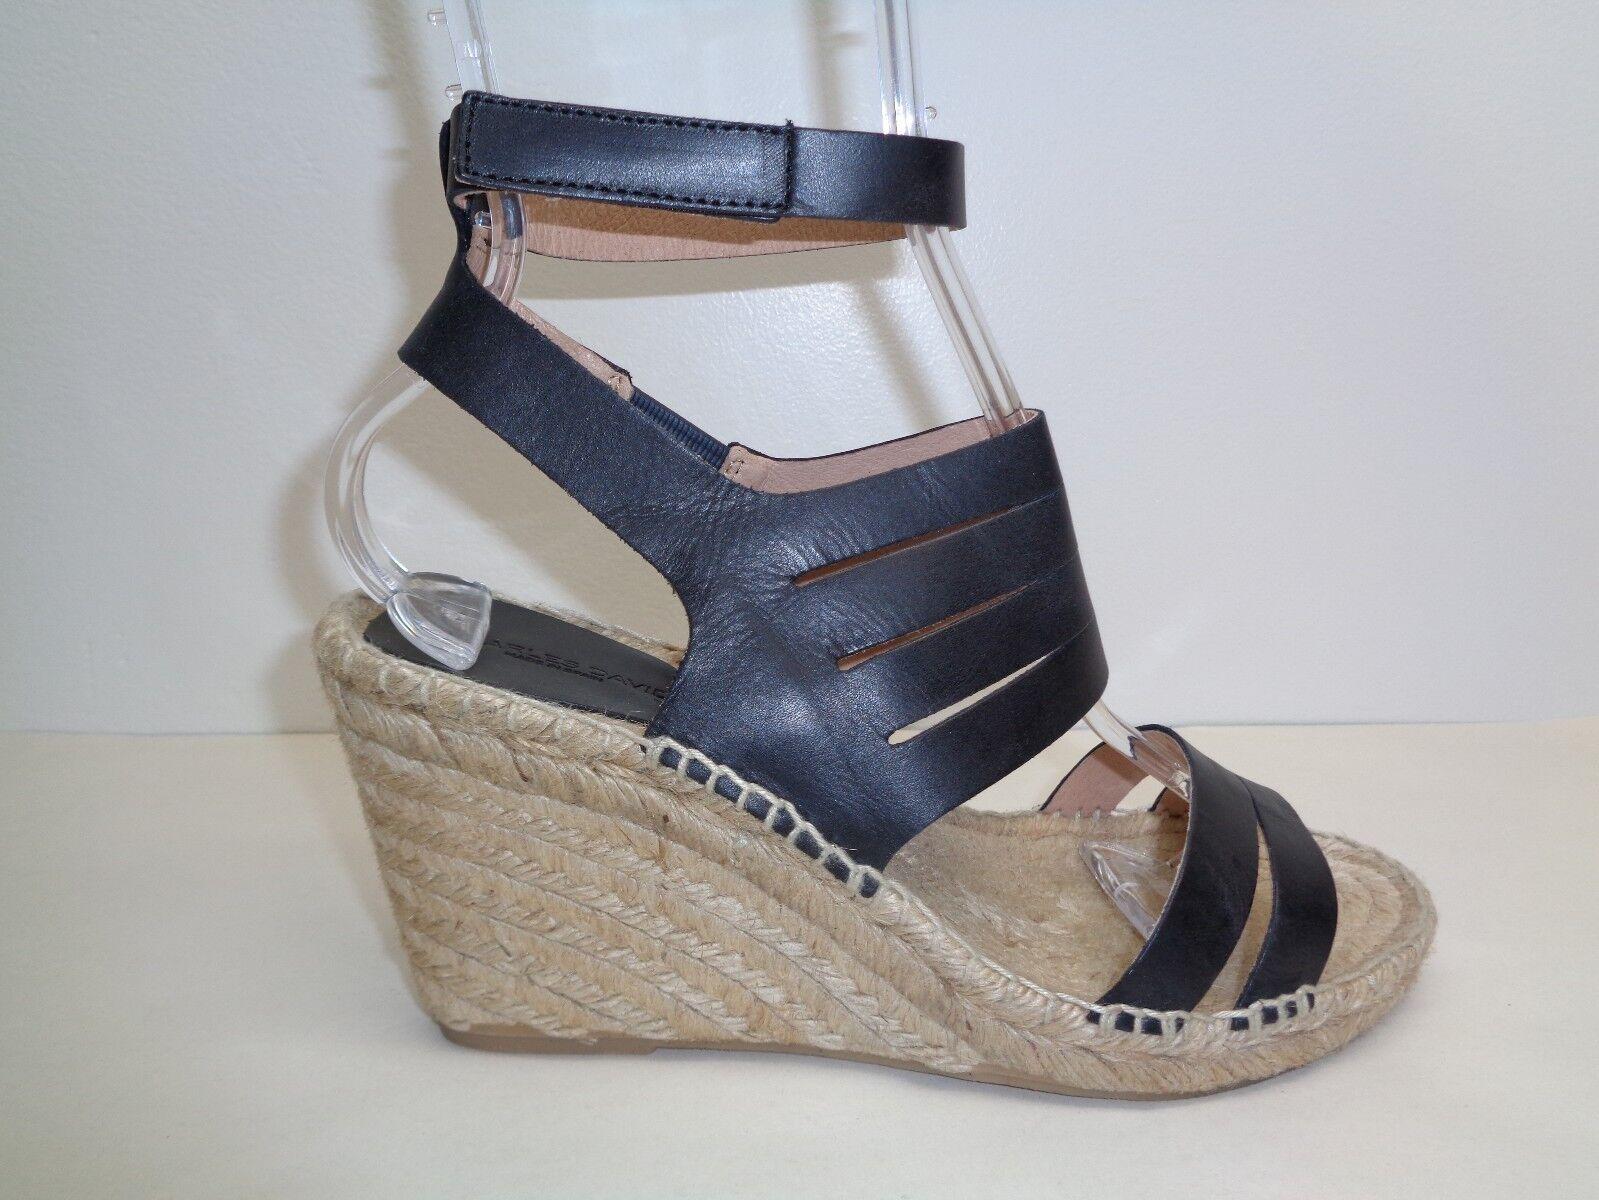 Charles David Talla 9.5 Ona Negro Cuero Nuevos Mujer Mujer Mujer Zapatos Sandalias de cuña de yute  más descuento